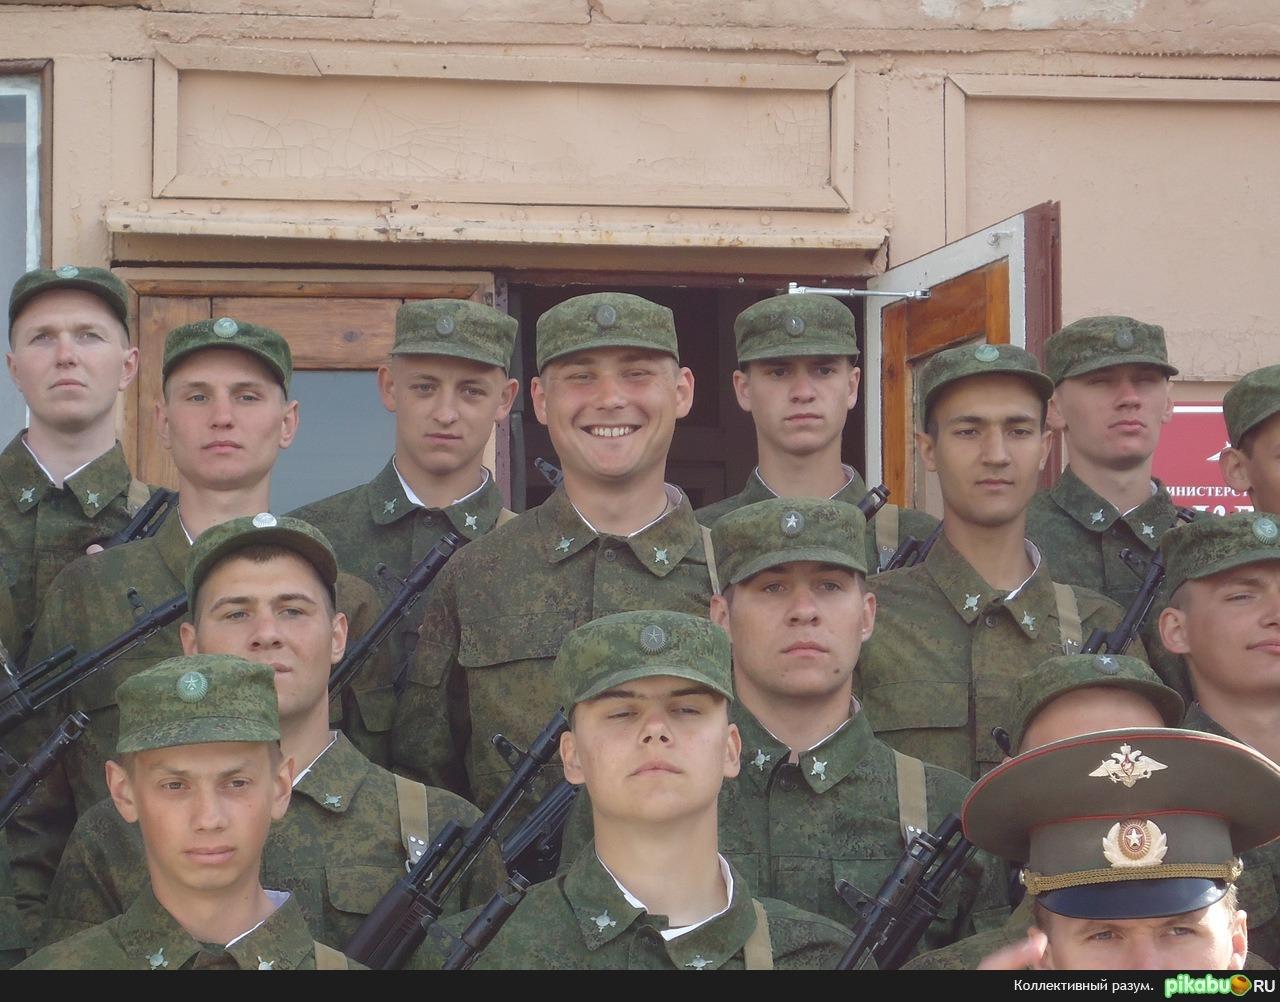 Мой брат в армии Даже там хорошо, когда семья рядом :)